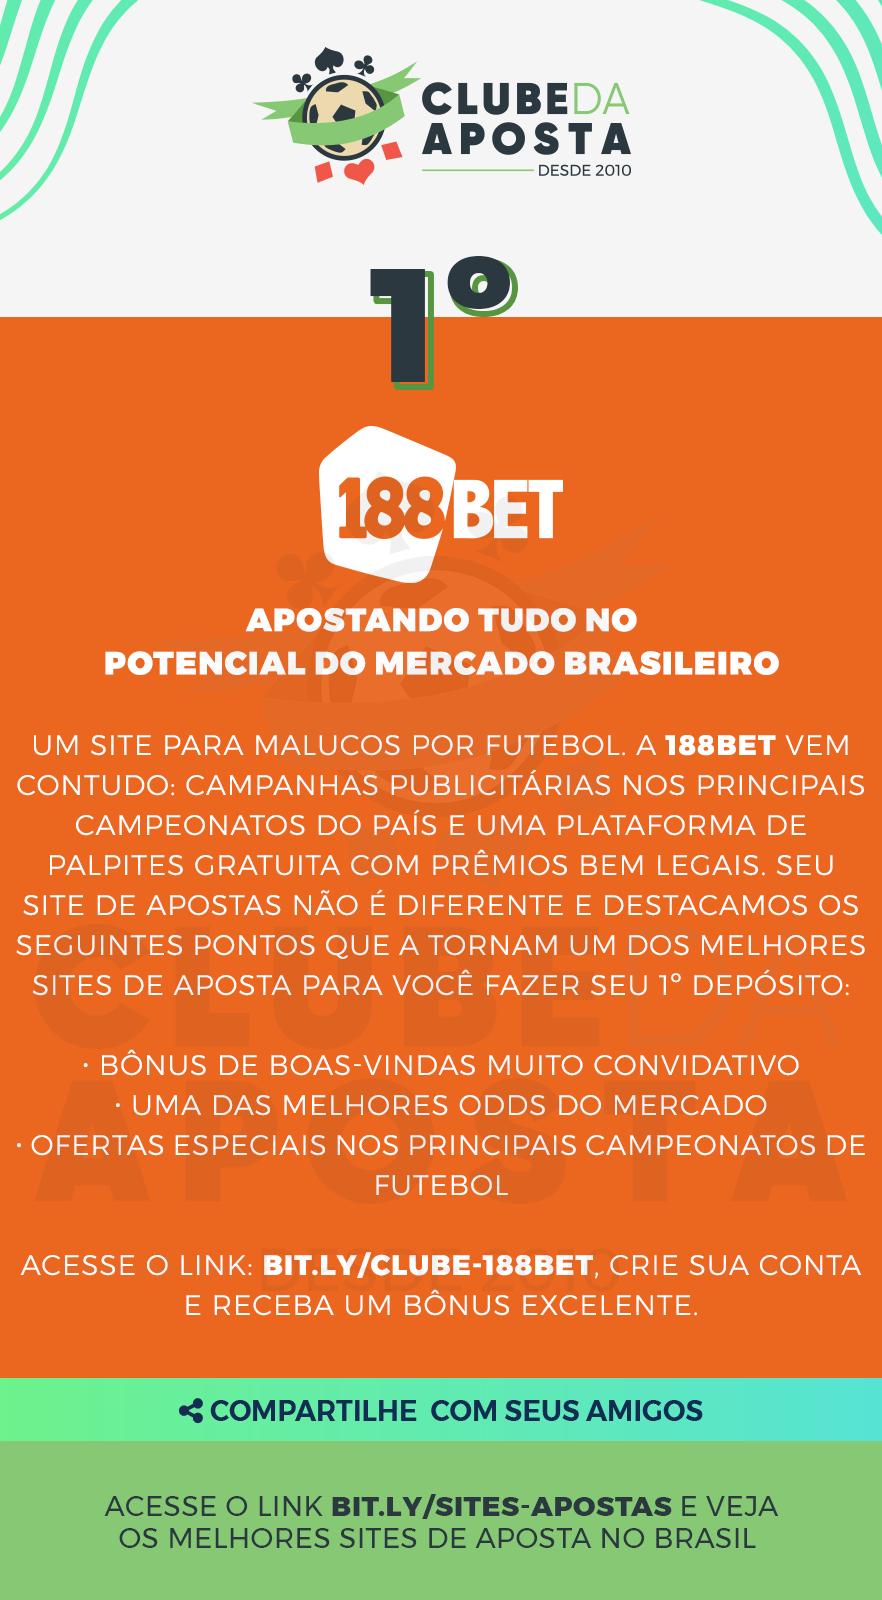 Como cancelar un deposito en skrill bono bet365 Rio de Janeiro - 61443